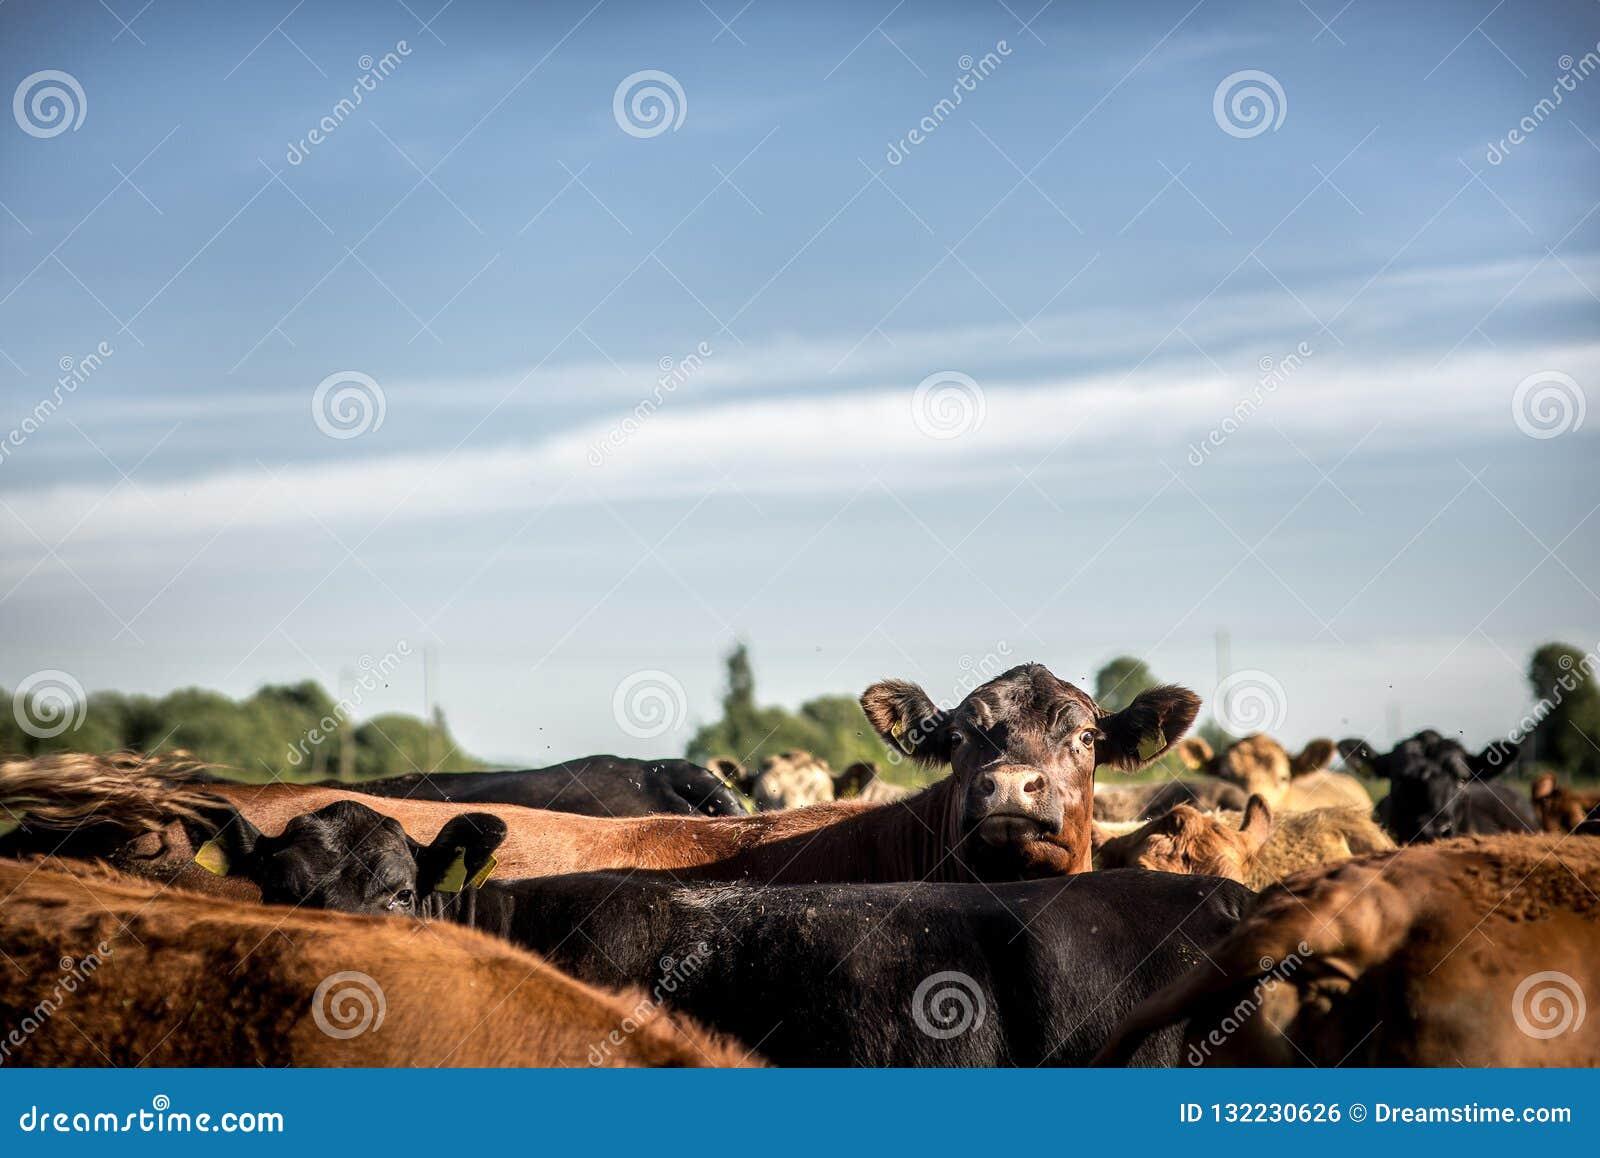 Vaca interessada de angus que olha em torno de levantar sua cabeça sob o rebanho